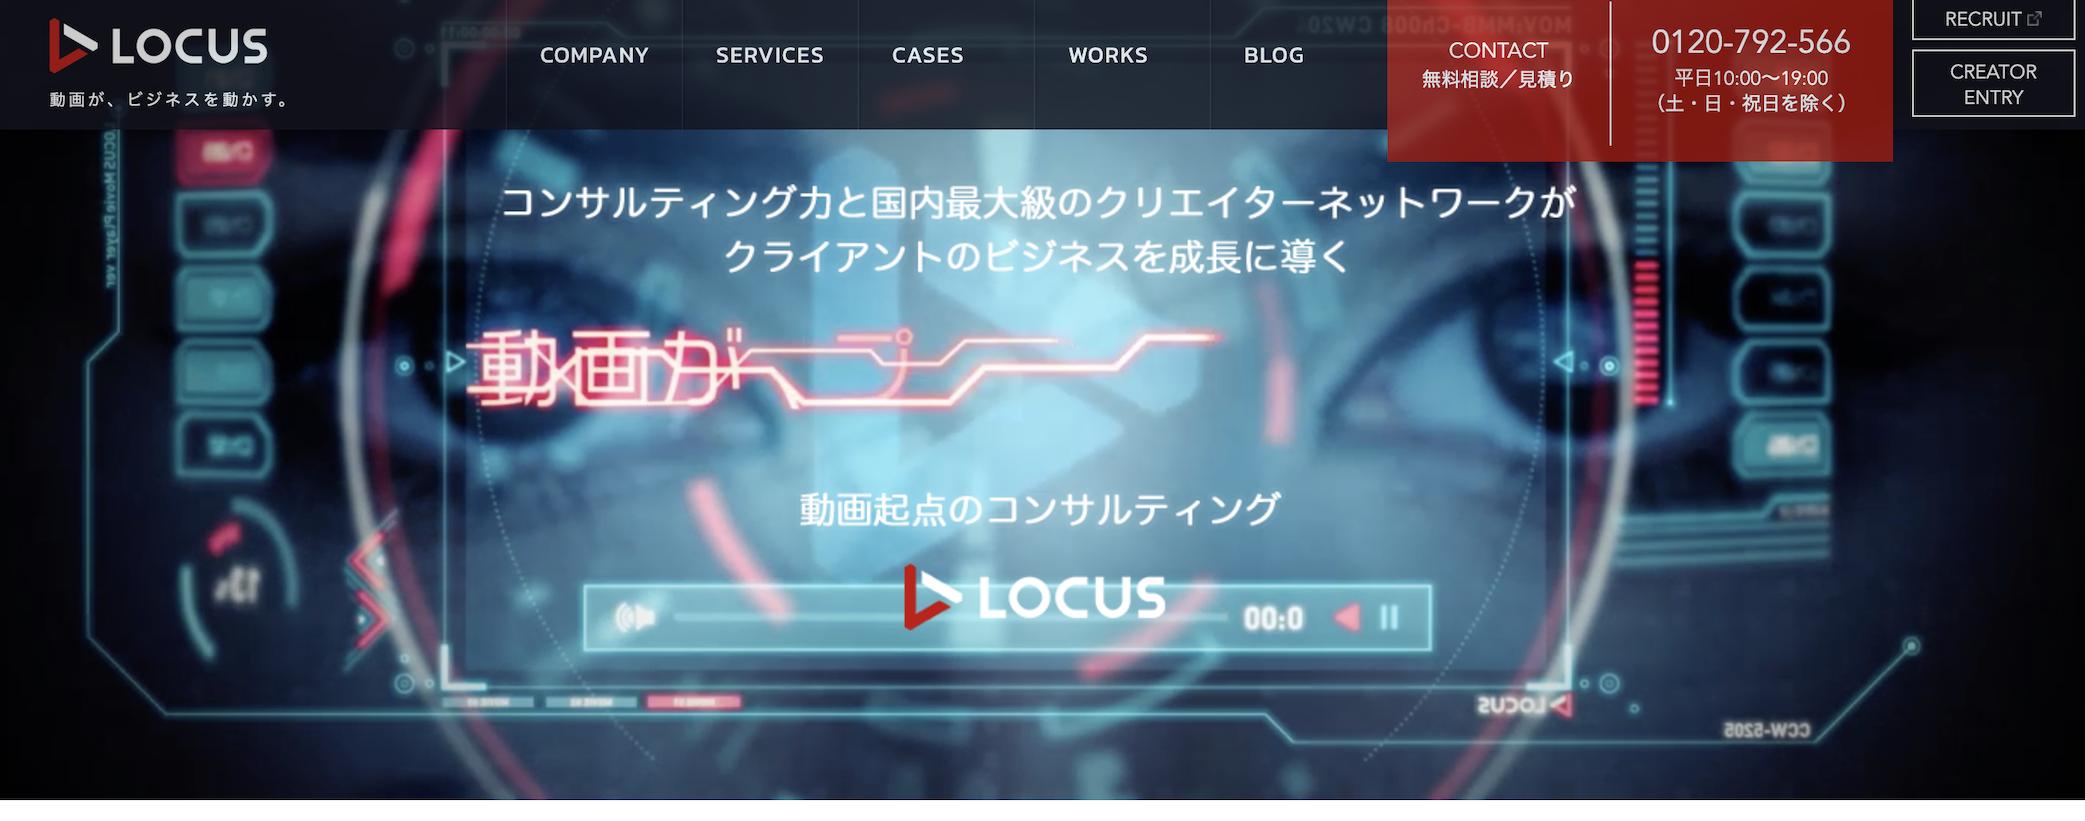 LOCUS_キャプチャ